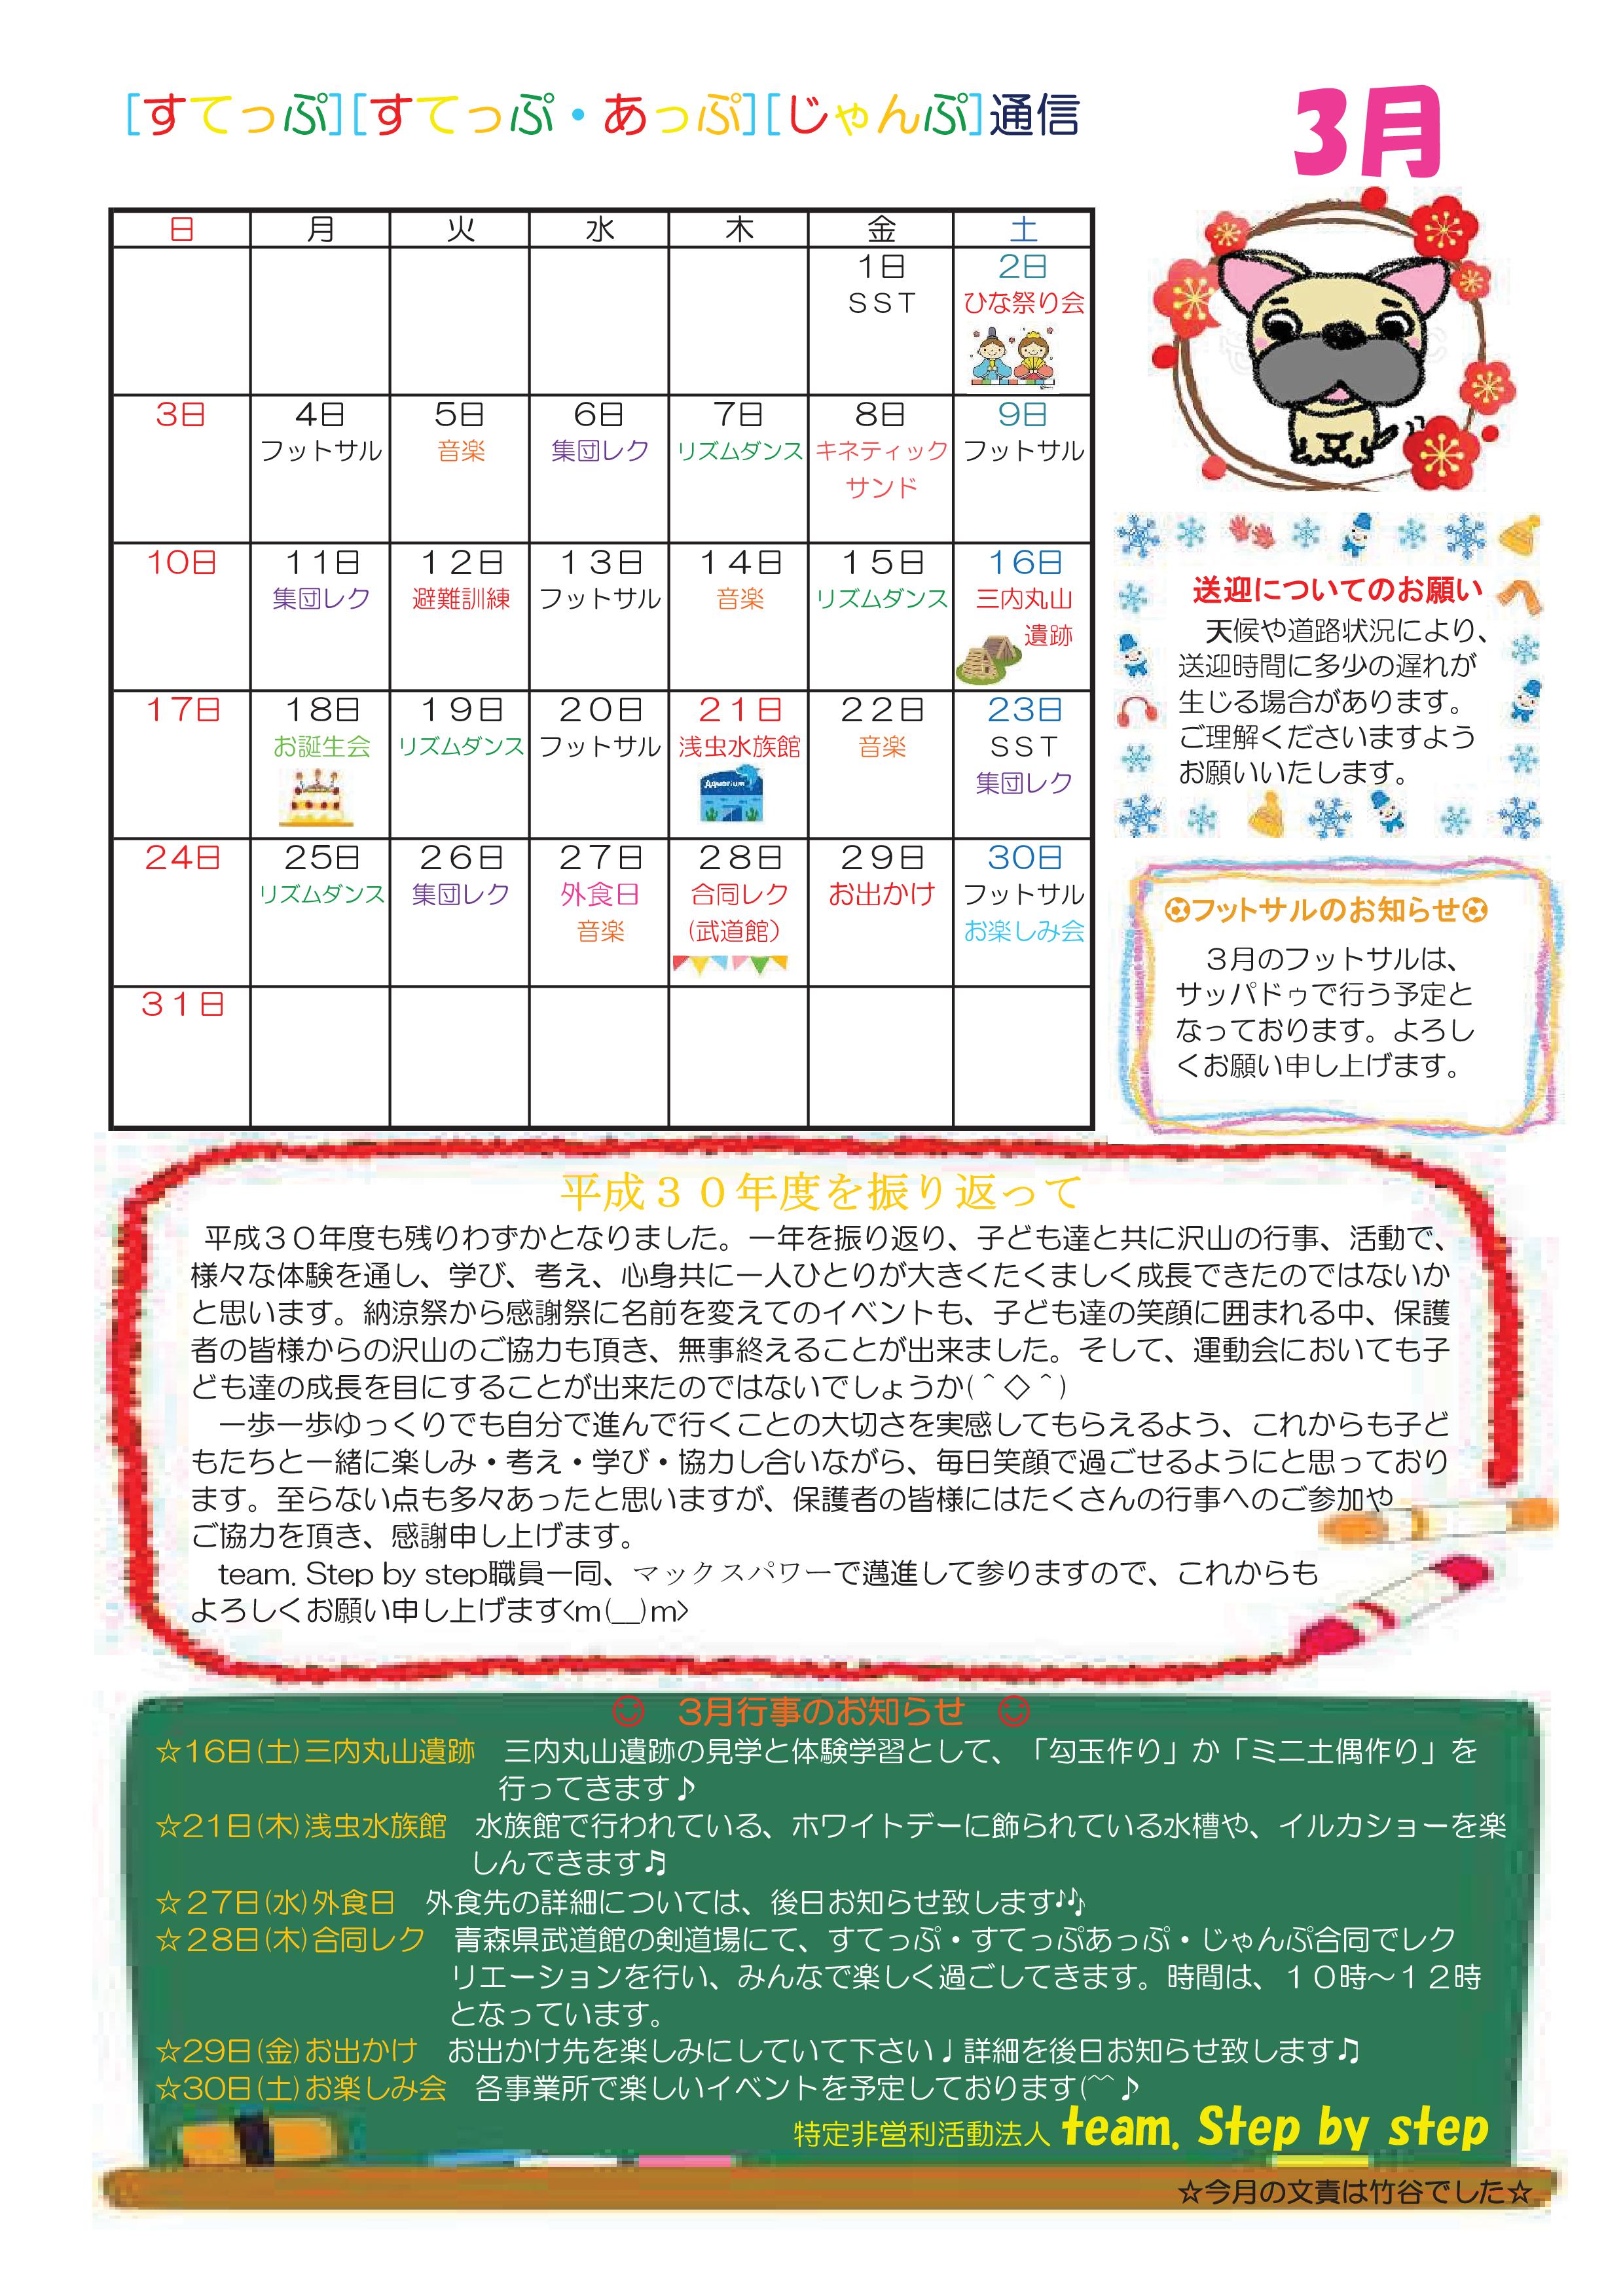 すてっぷ・すてっぷあっぷ・じゃんぷ通信3月号